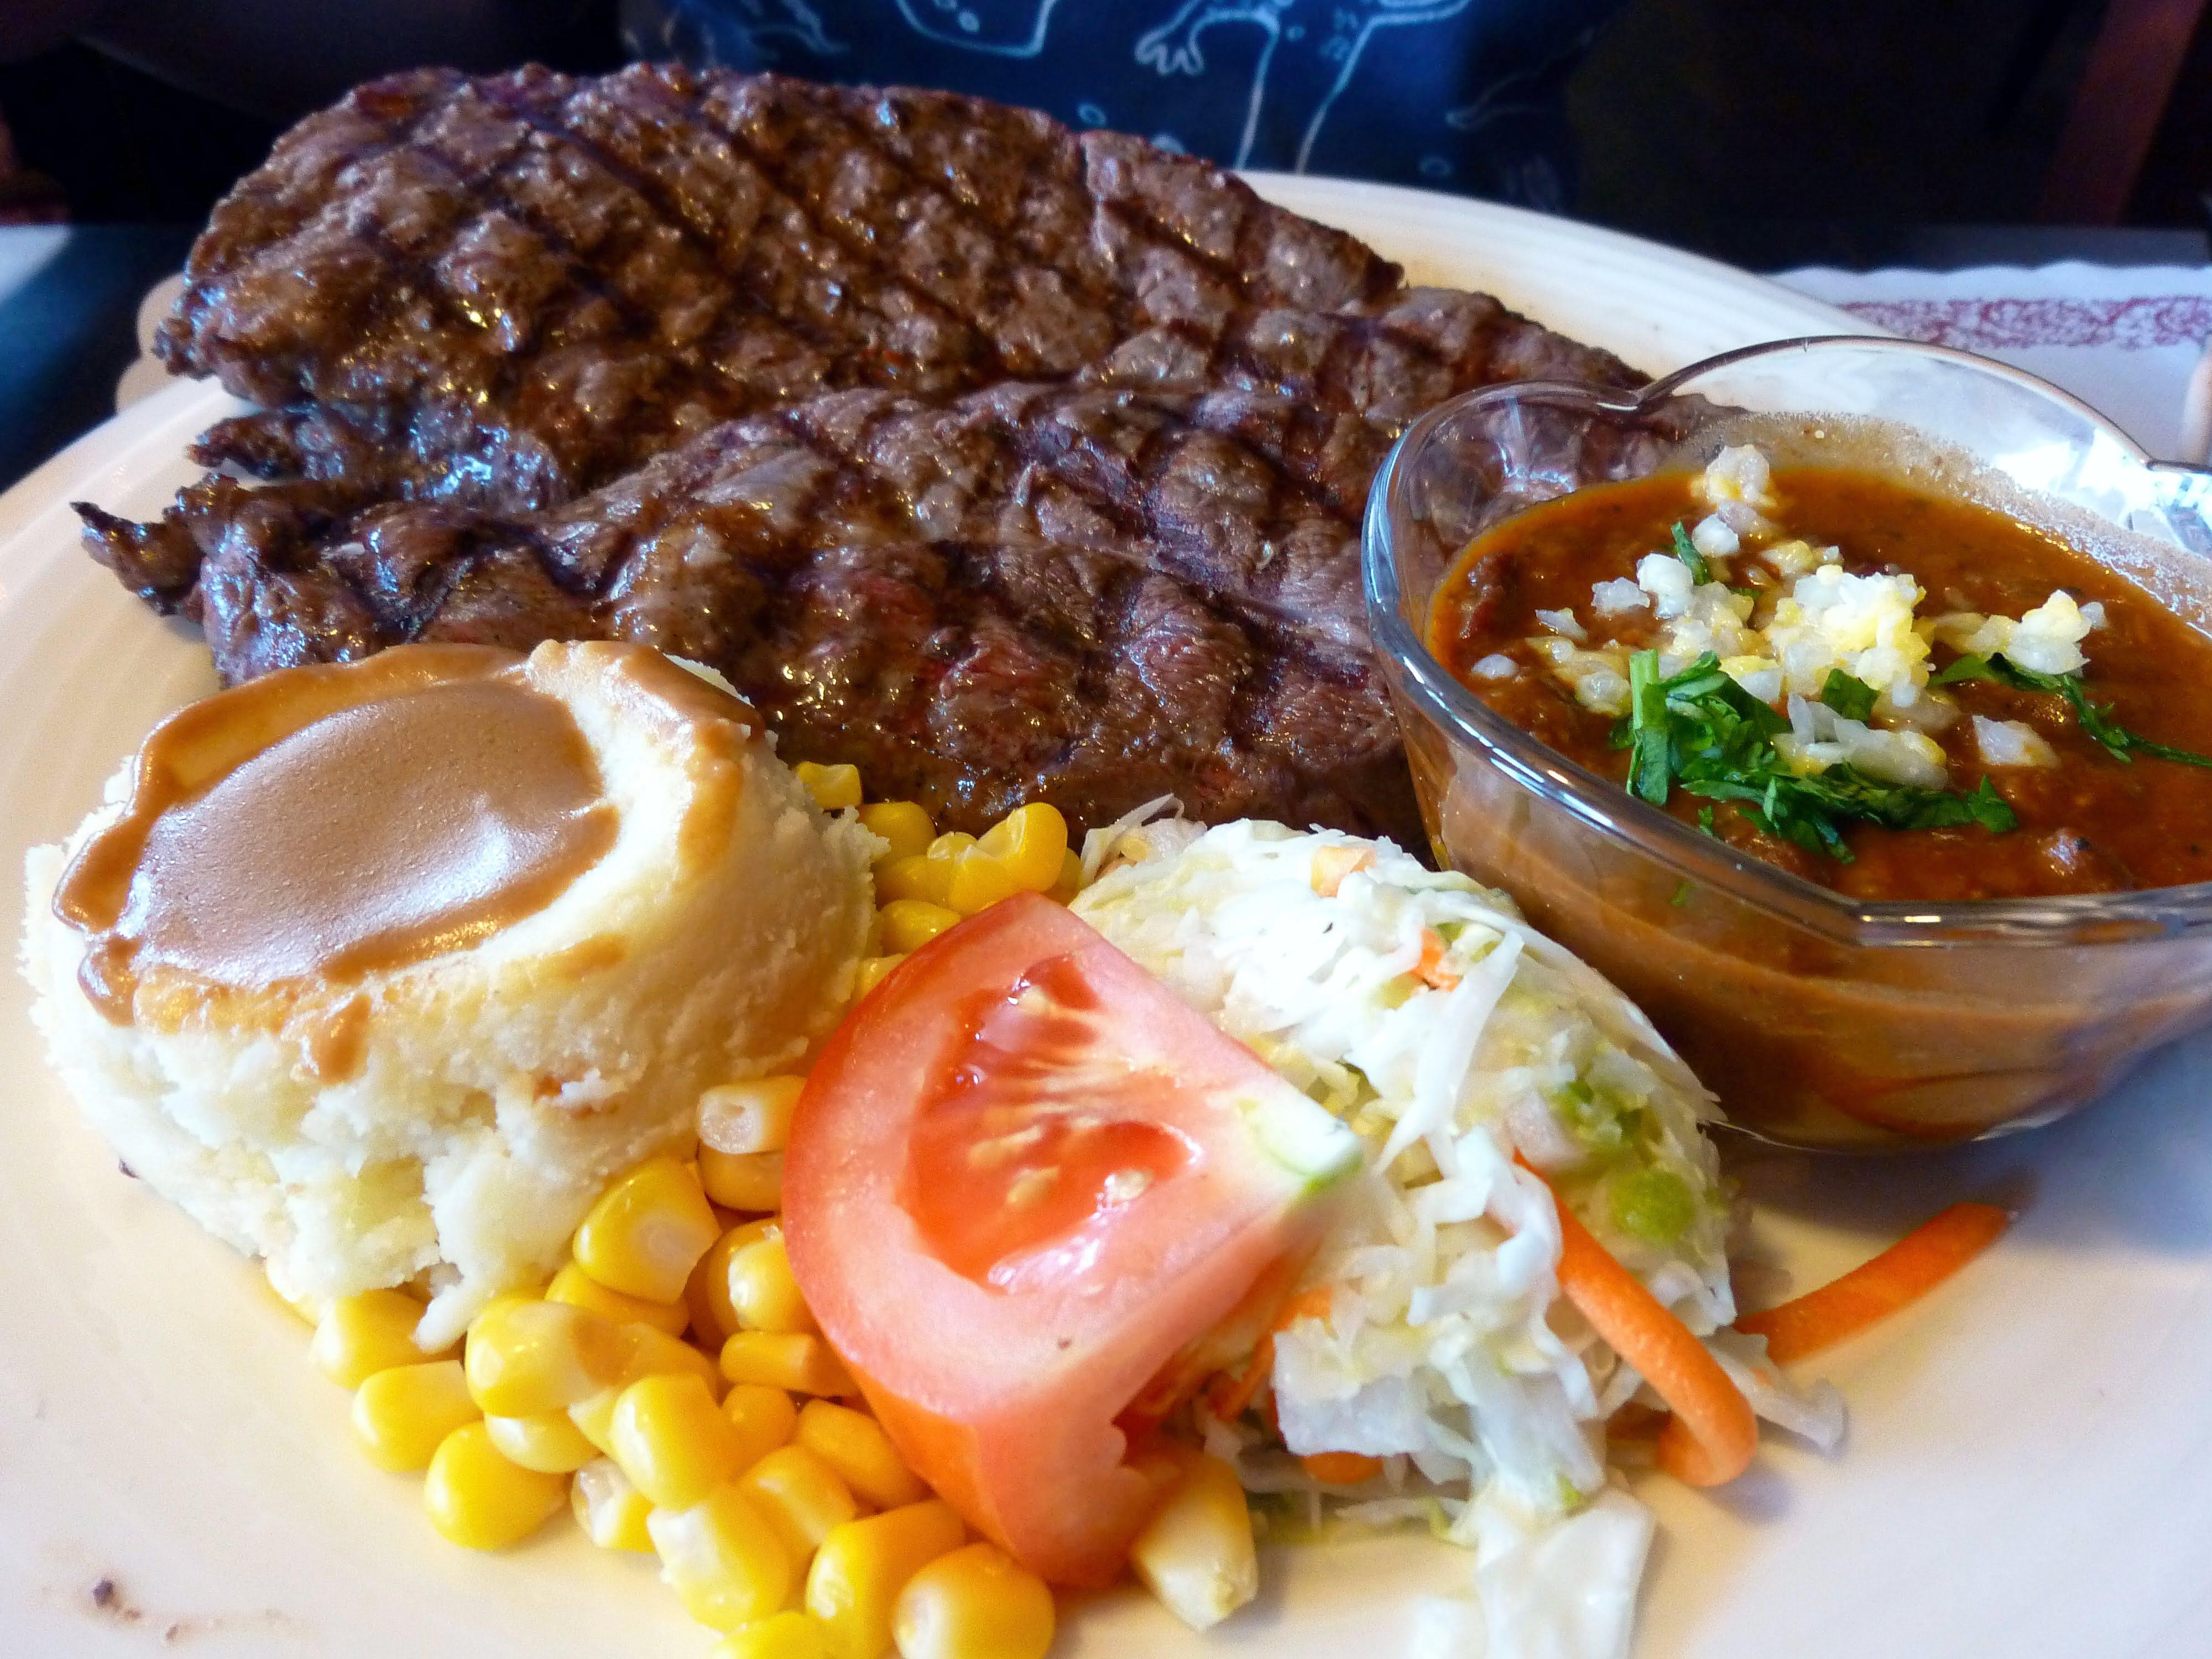 邊界驛站:牛排套餐